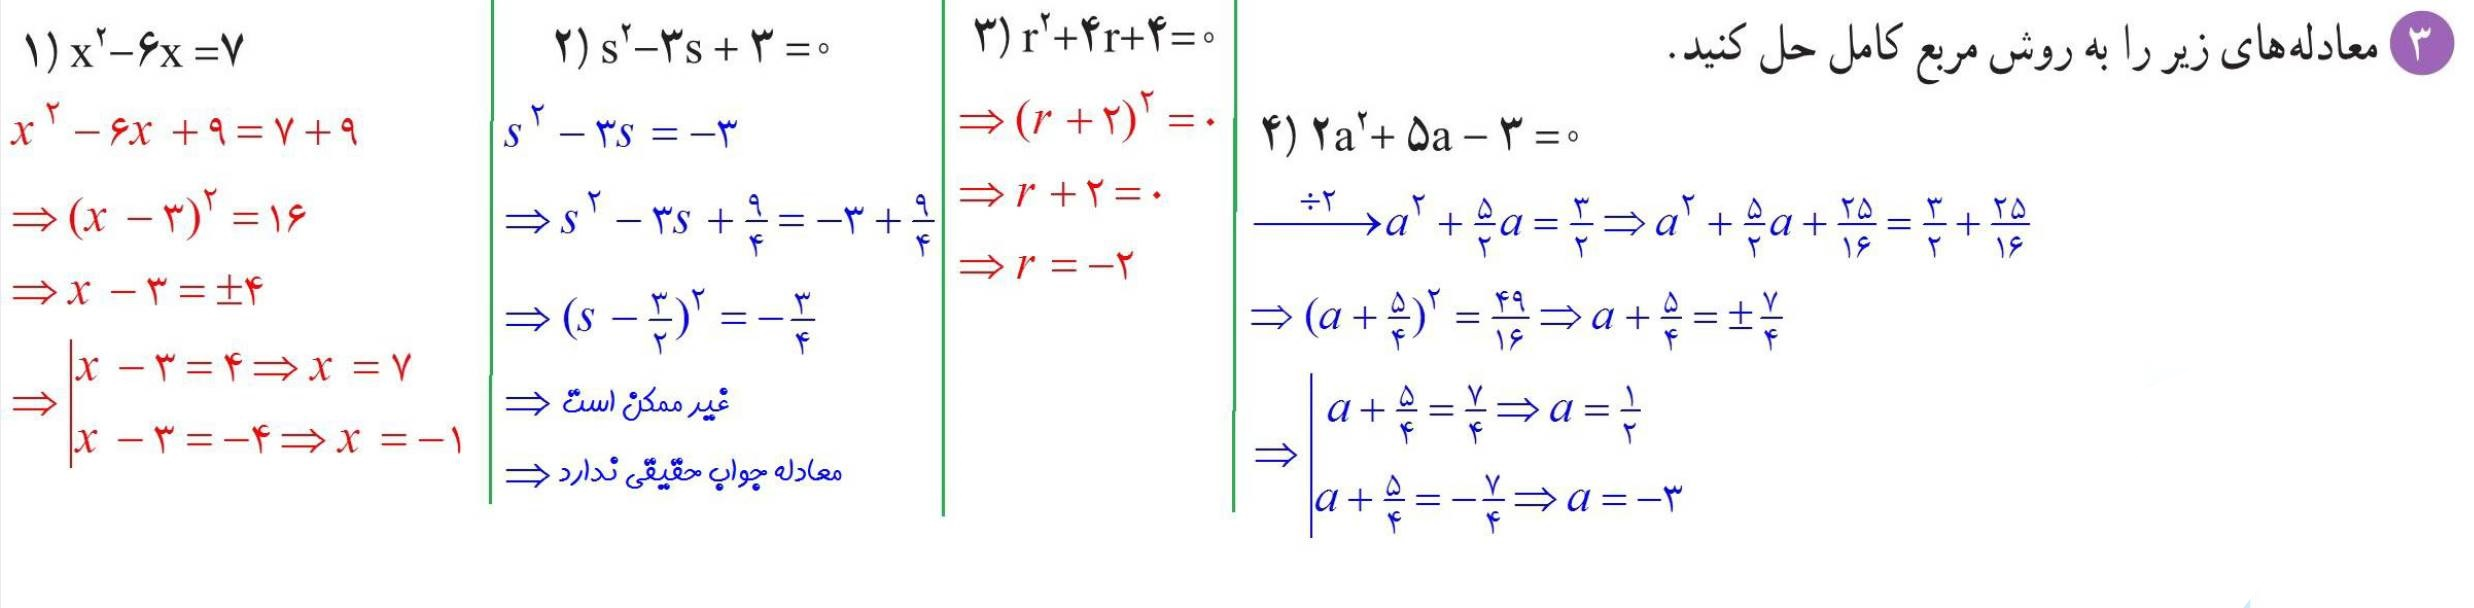 حل تمرین فصل چهارم ریاضی دهم رشته تجربی و ریاضی